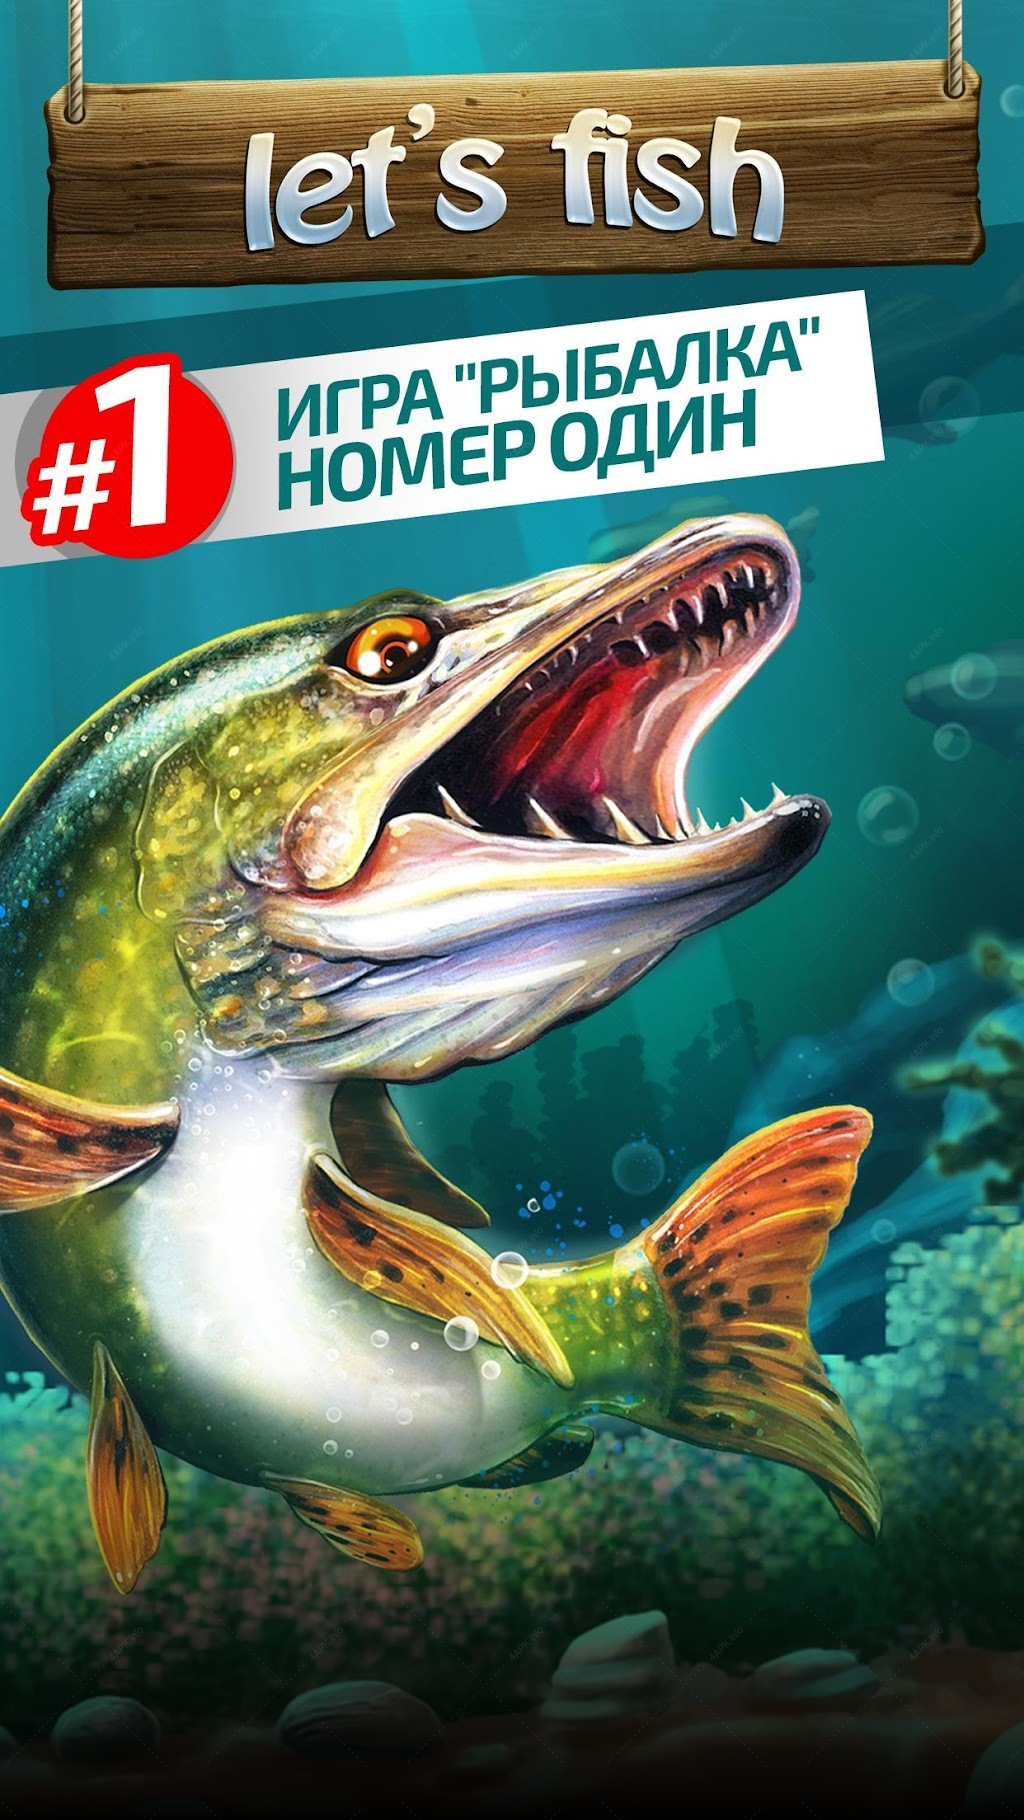 Давай порыбачим! Игра рыбалка. Симулятор рыбалки. screenshot